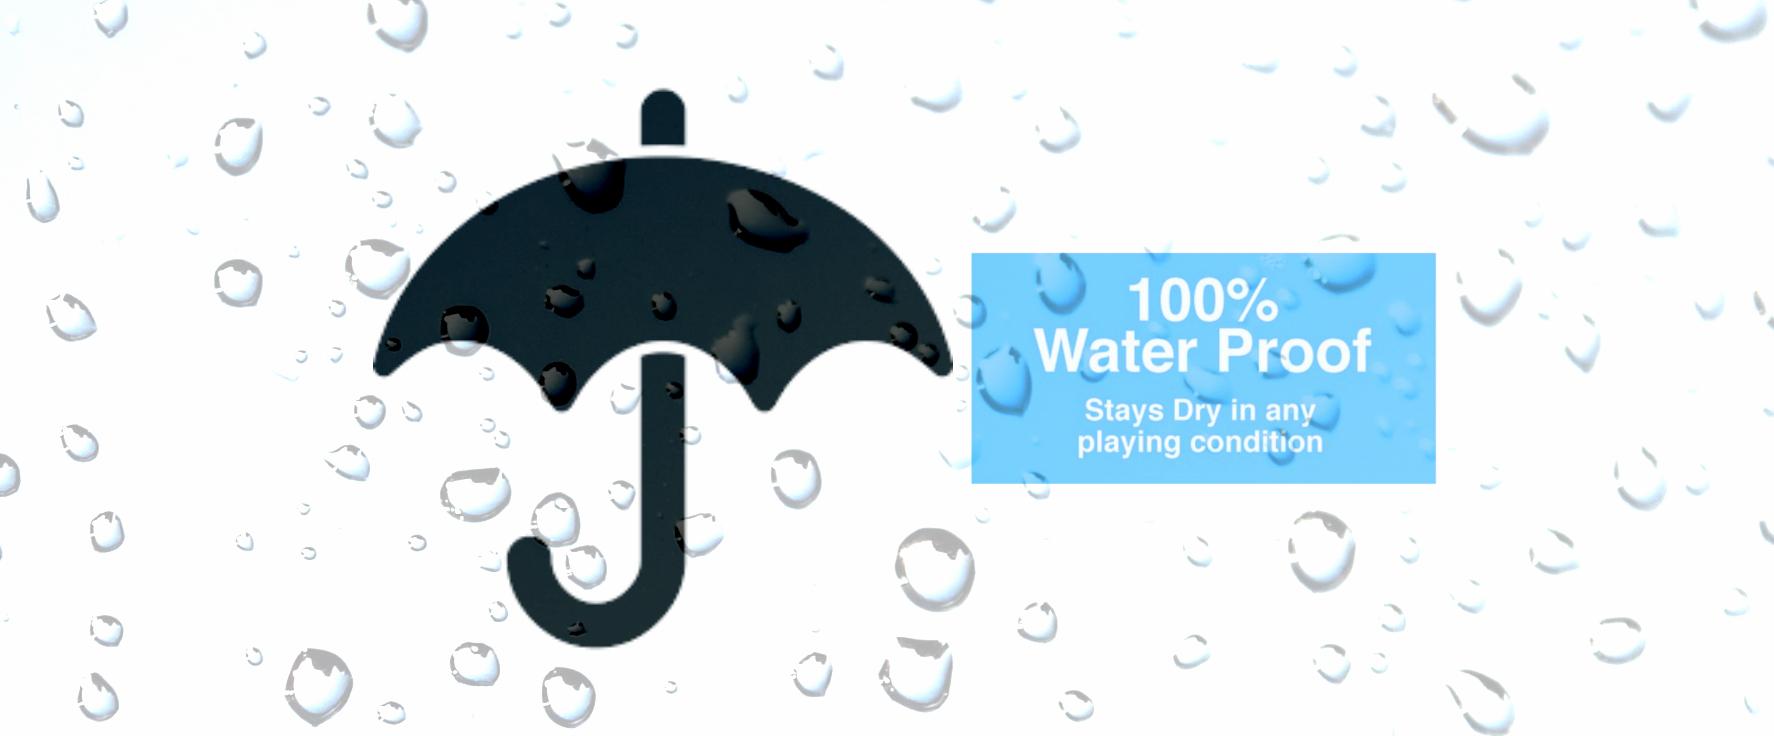 waterproof1.0.jpg